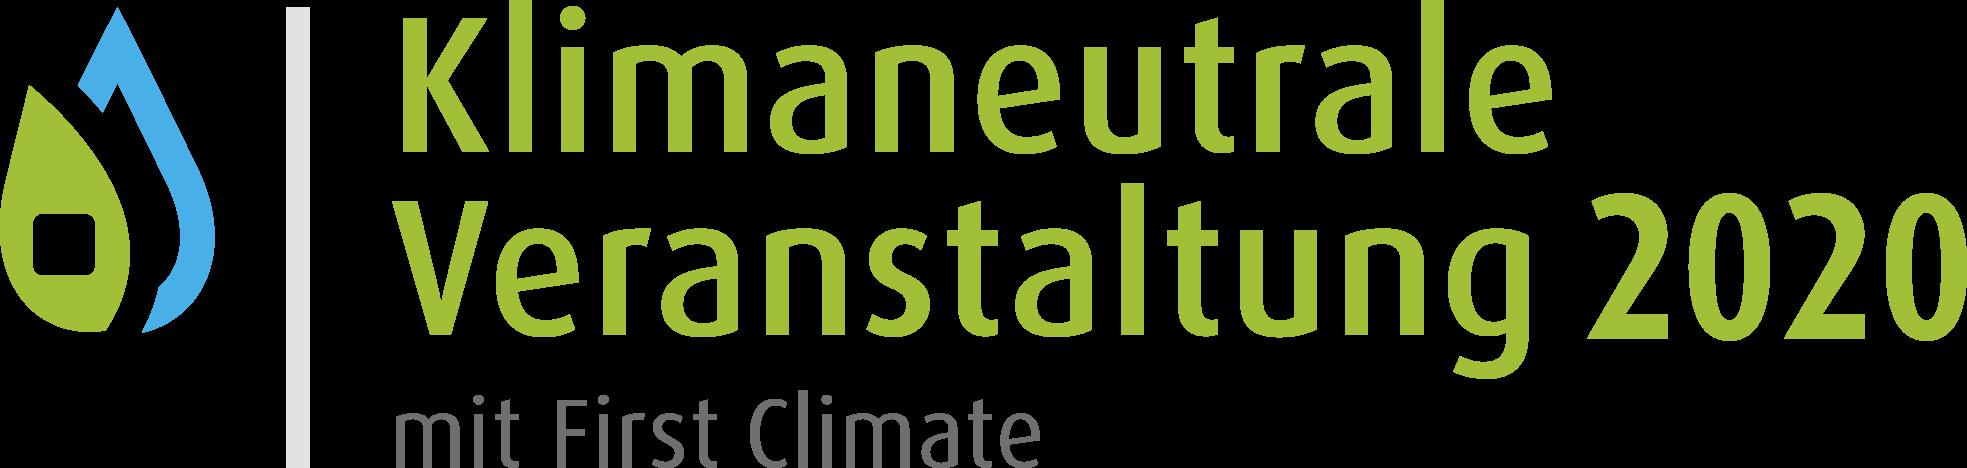 Klimaneutrale Veranstaltung_2020